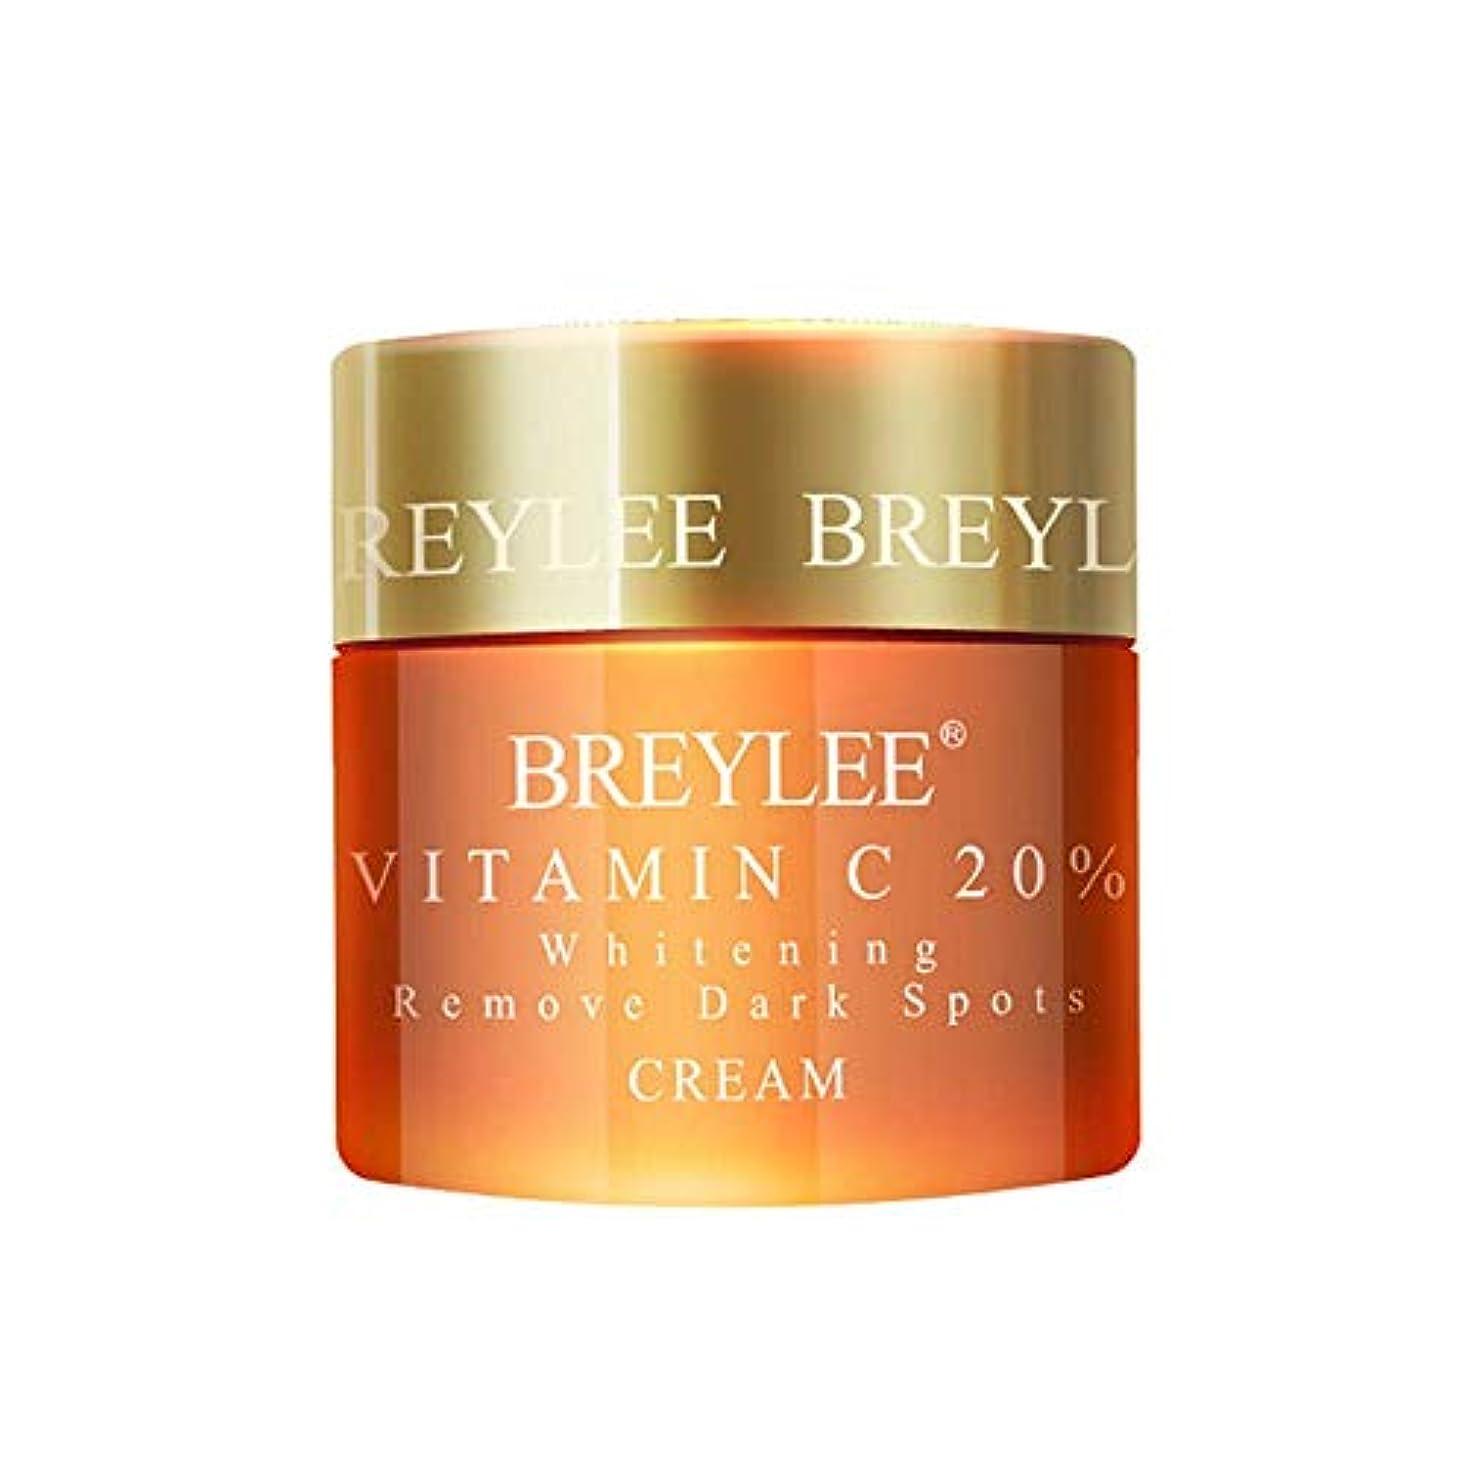 フェローシップ二次冒険者BREYLEE ヒアルロン酸 保湿クリーム 20%ビタミンC配合 美白 皮膚の引き締め (ビタミンC)